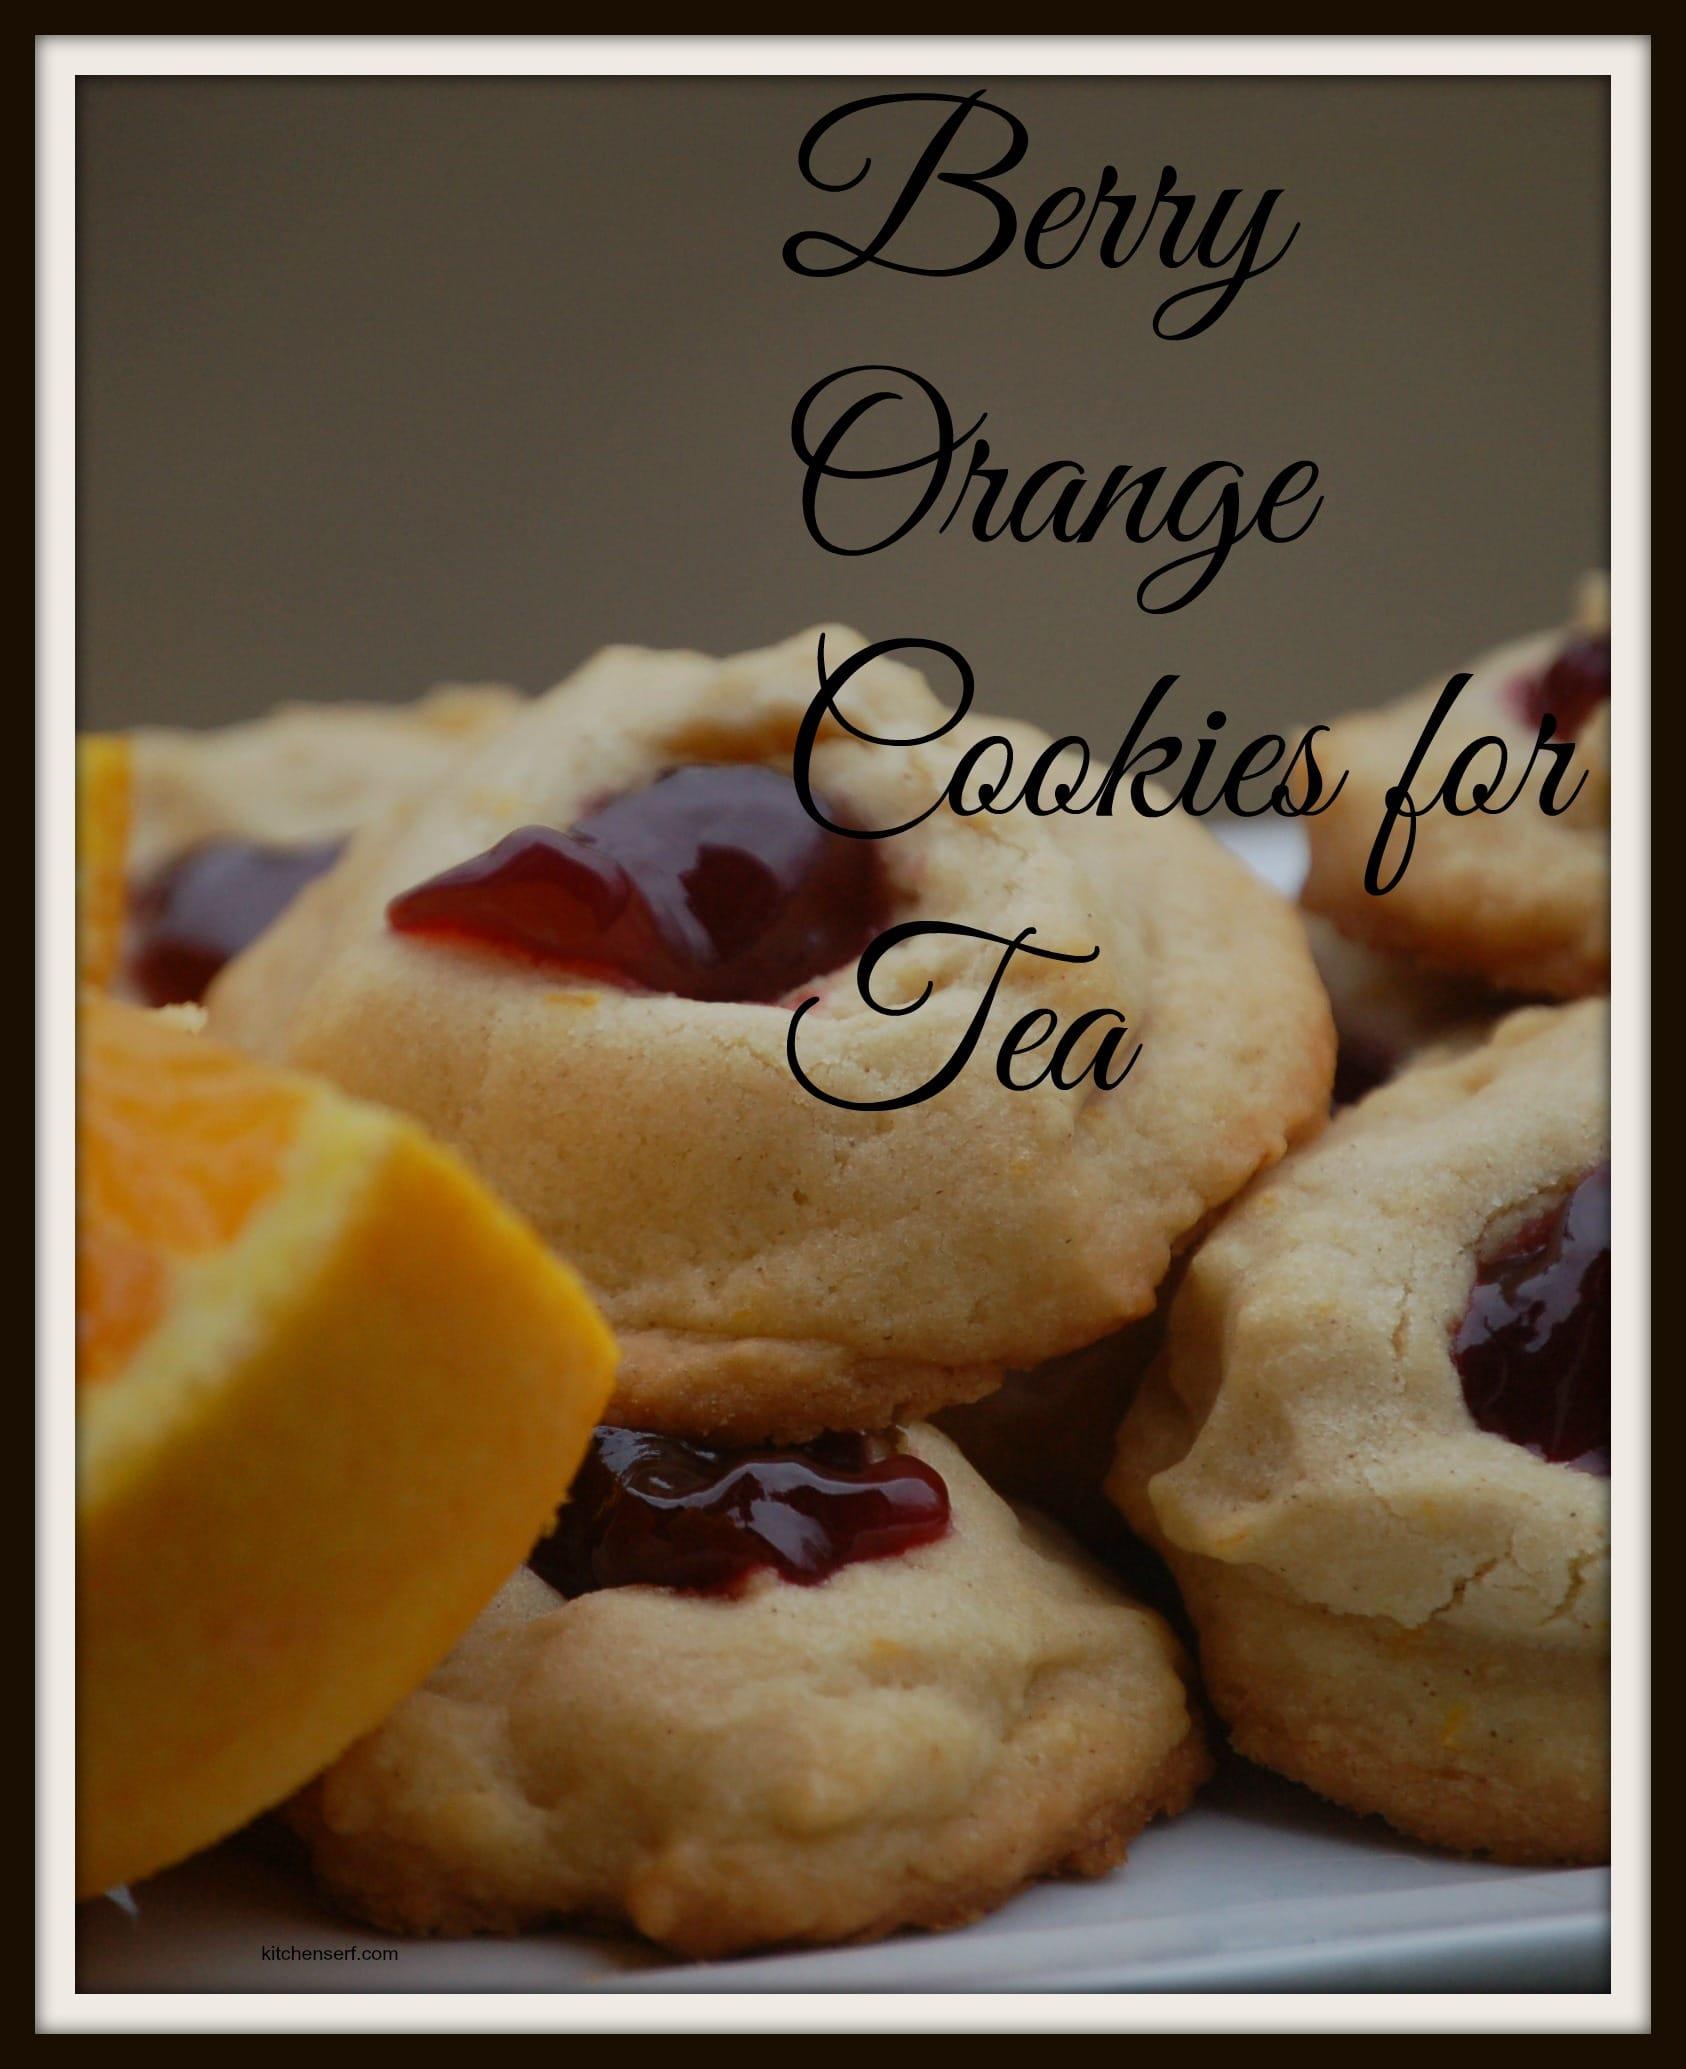 Marilla Cuthbert's Berry Orange Cookies